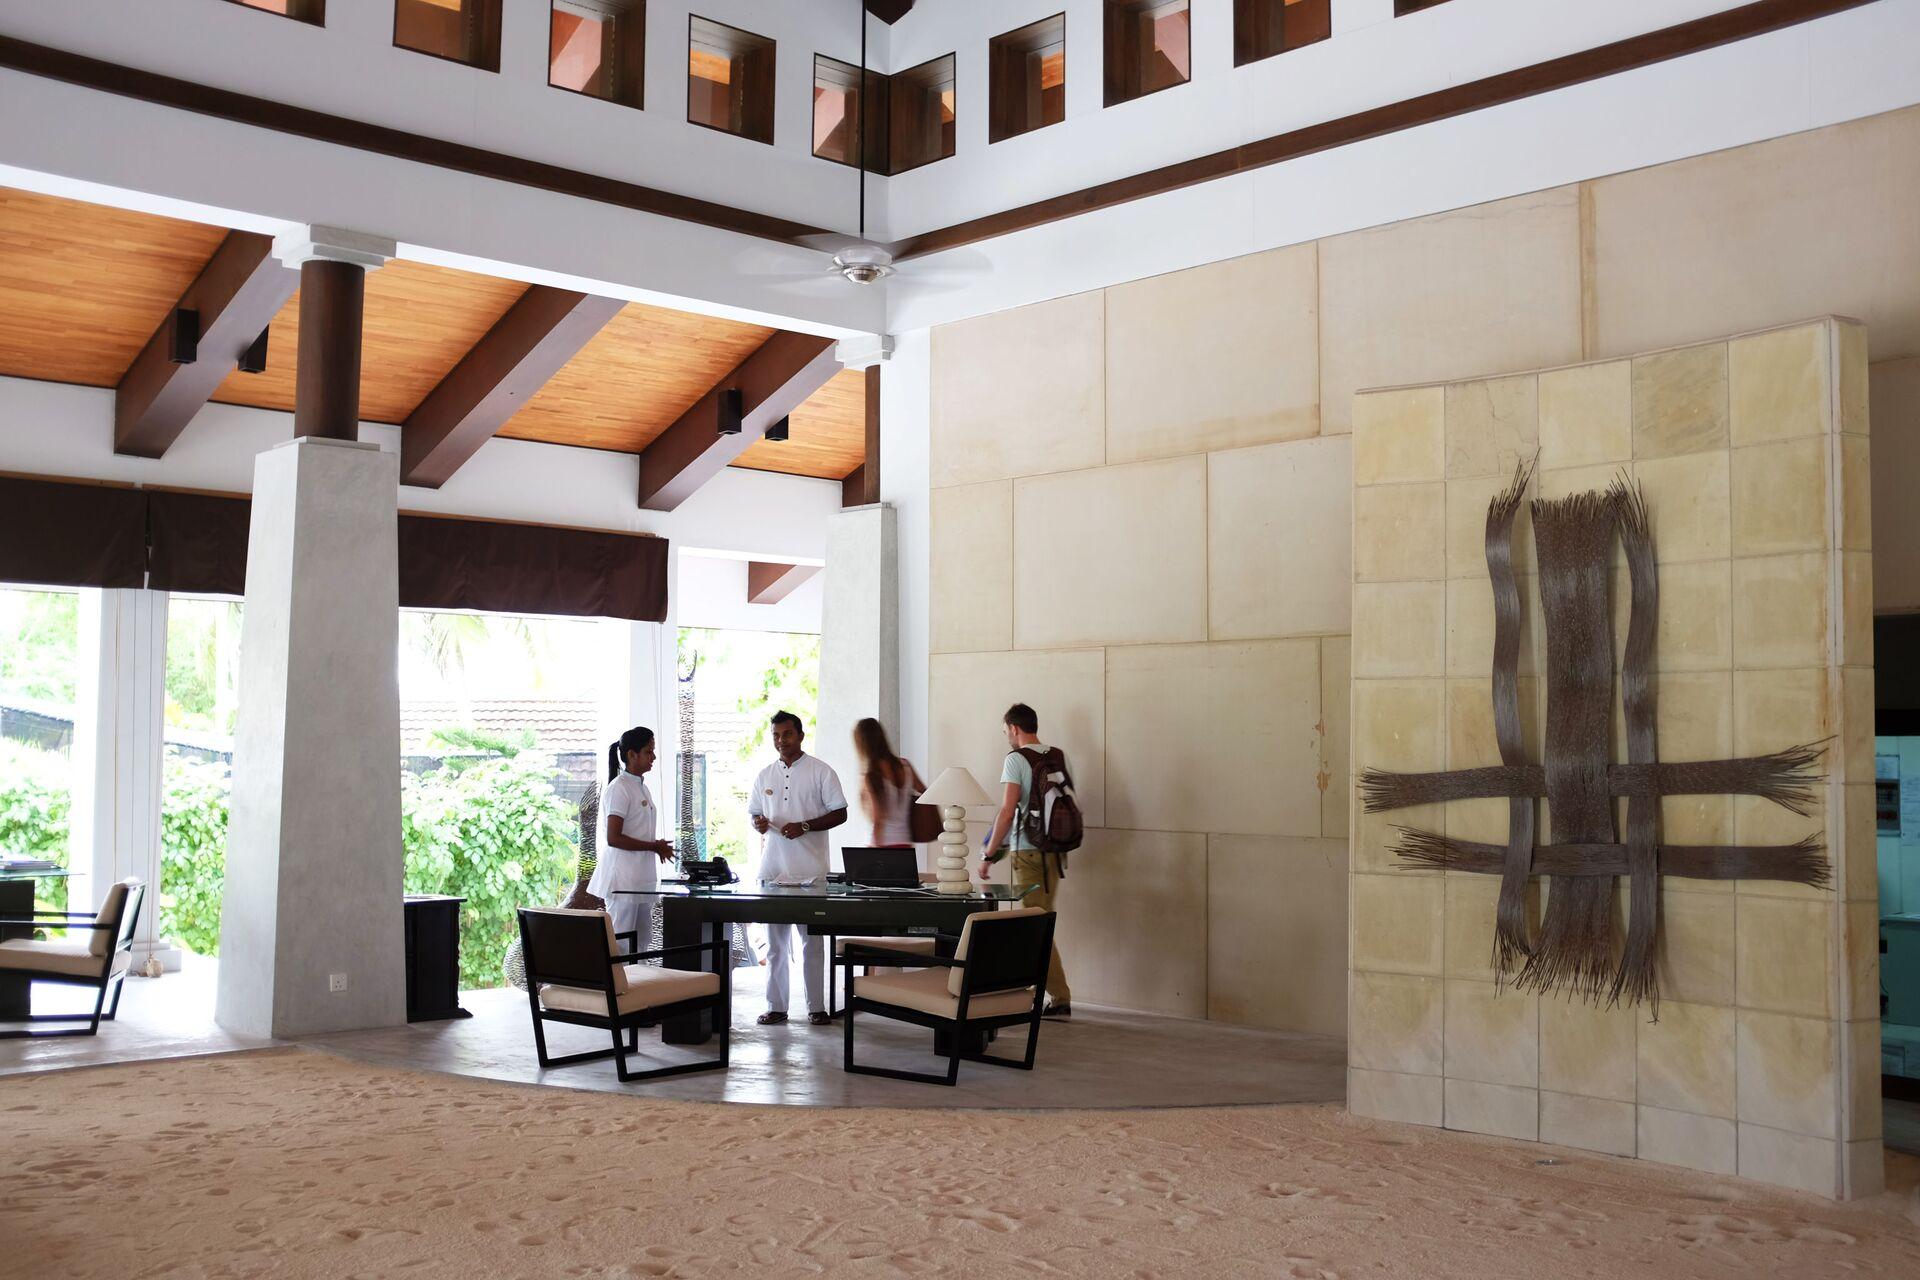 La reception di un hotel alle Maldive - Sputnik Italia, 1920, 22.05.2021